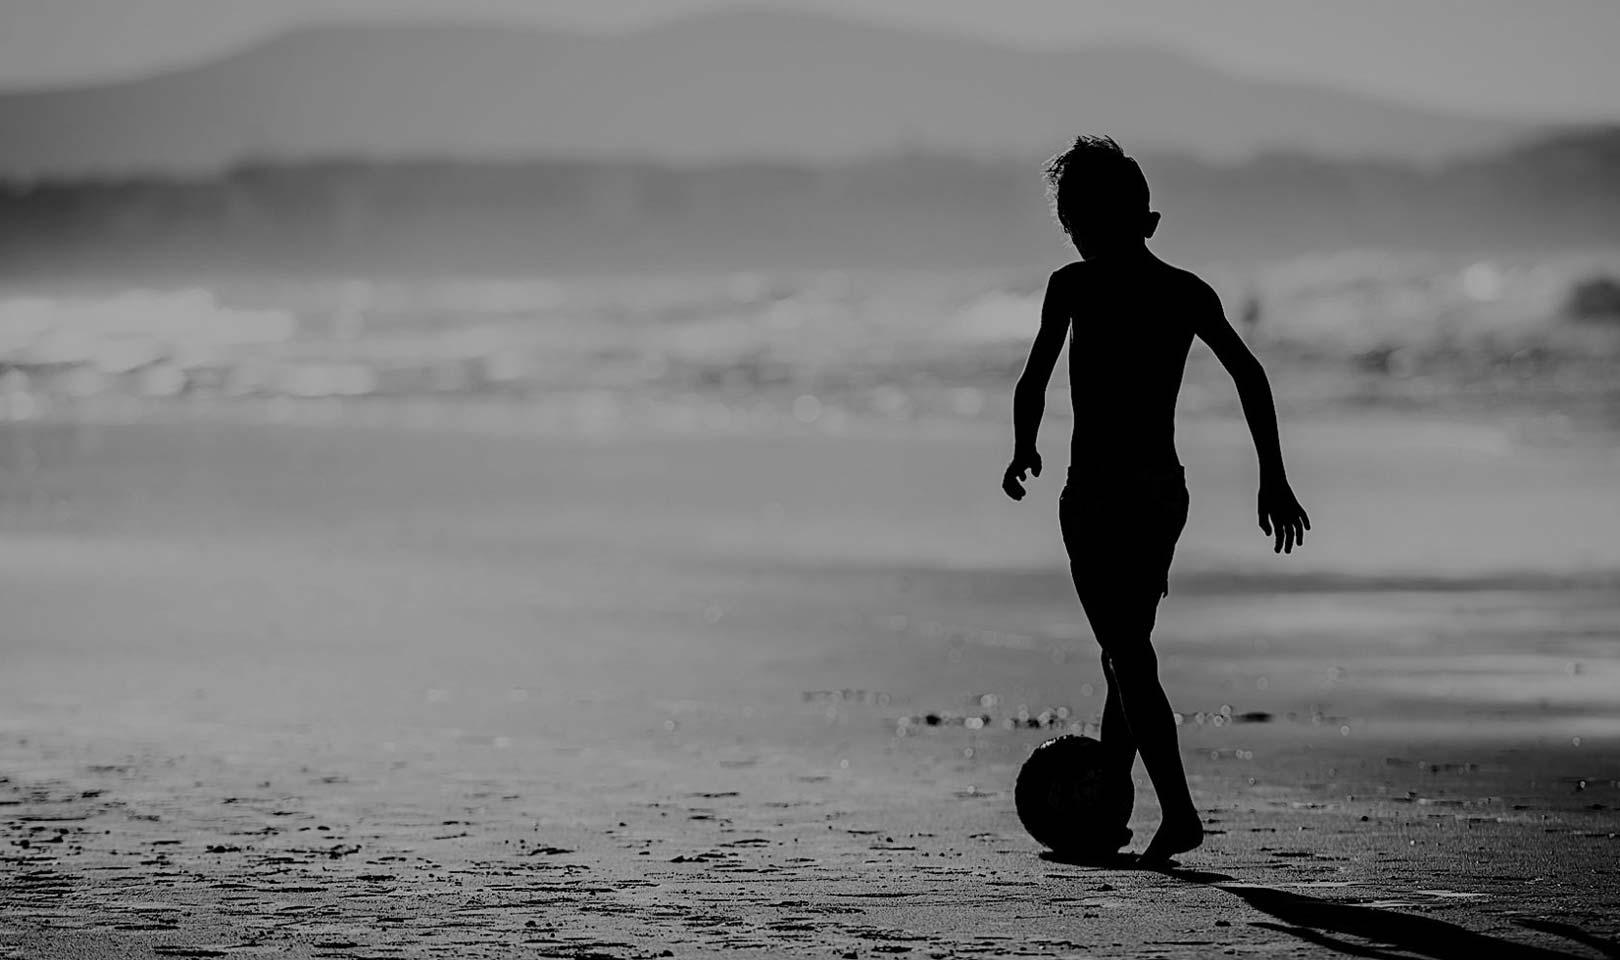 Boy with soccer ball on beach.